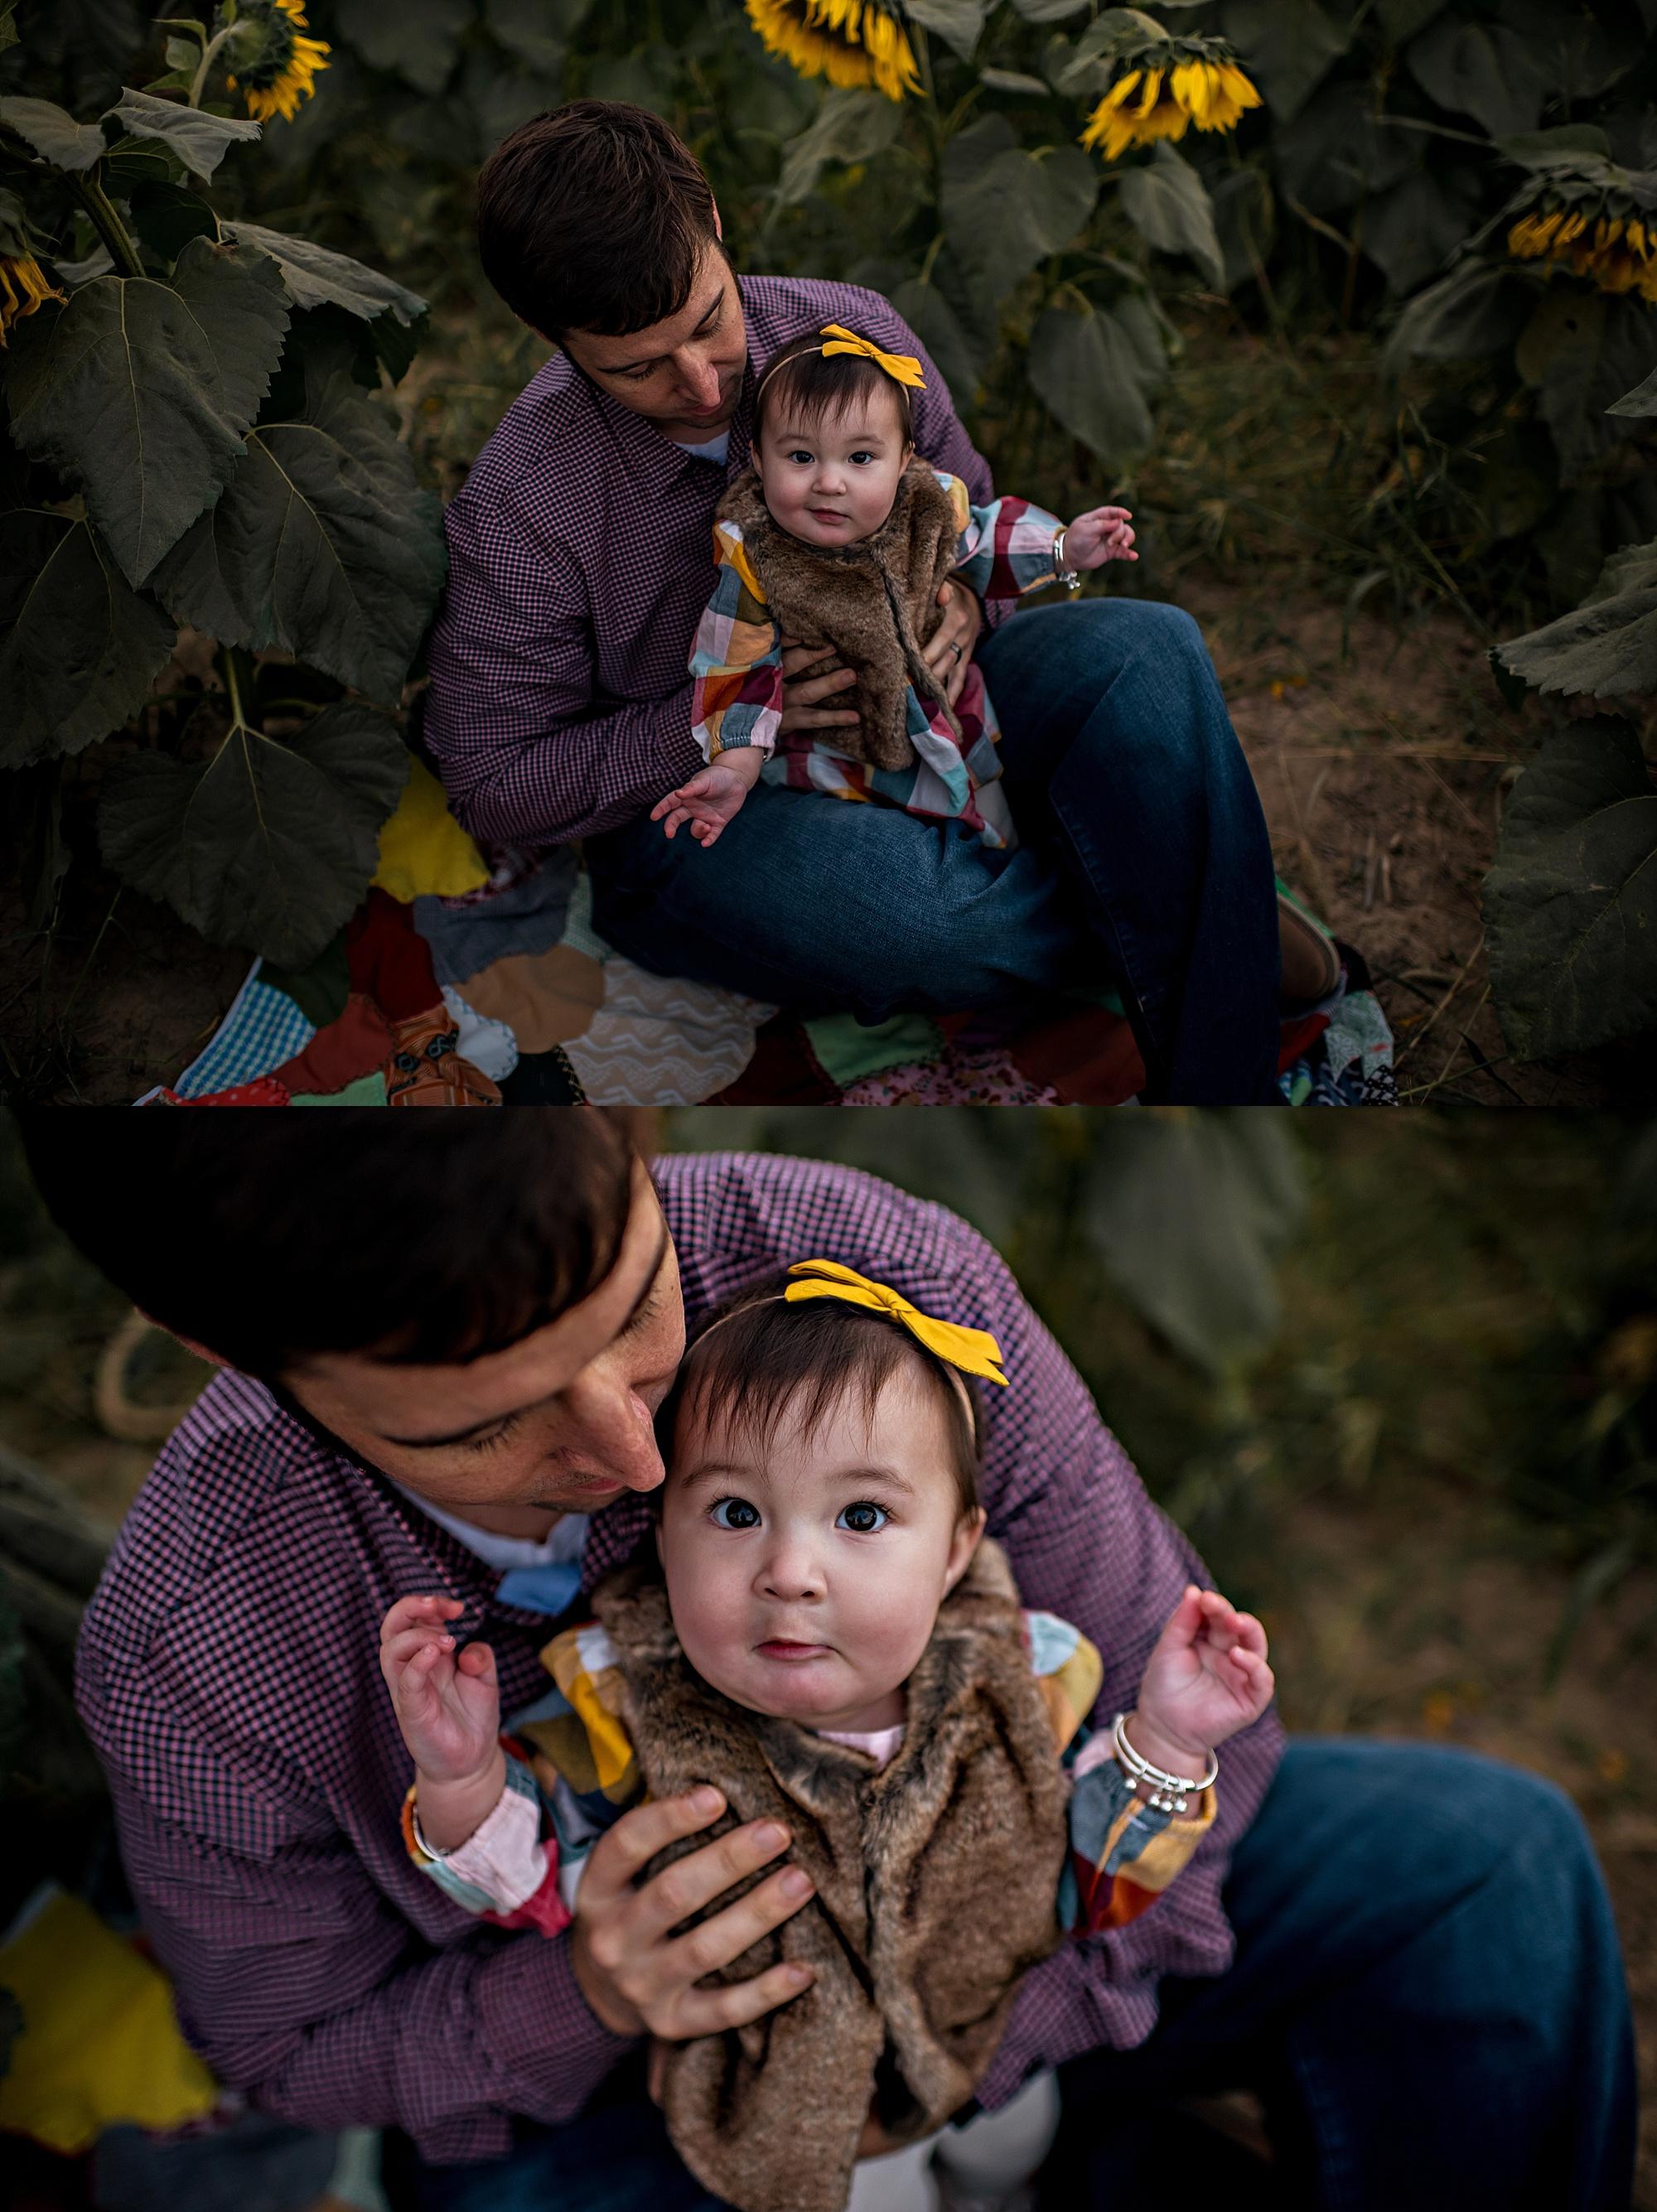 Turner-family-akron-ohio-photographer-lauren-grayson-sunflower-field-session_0024.jpg